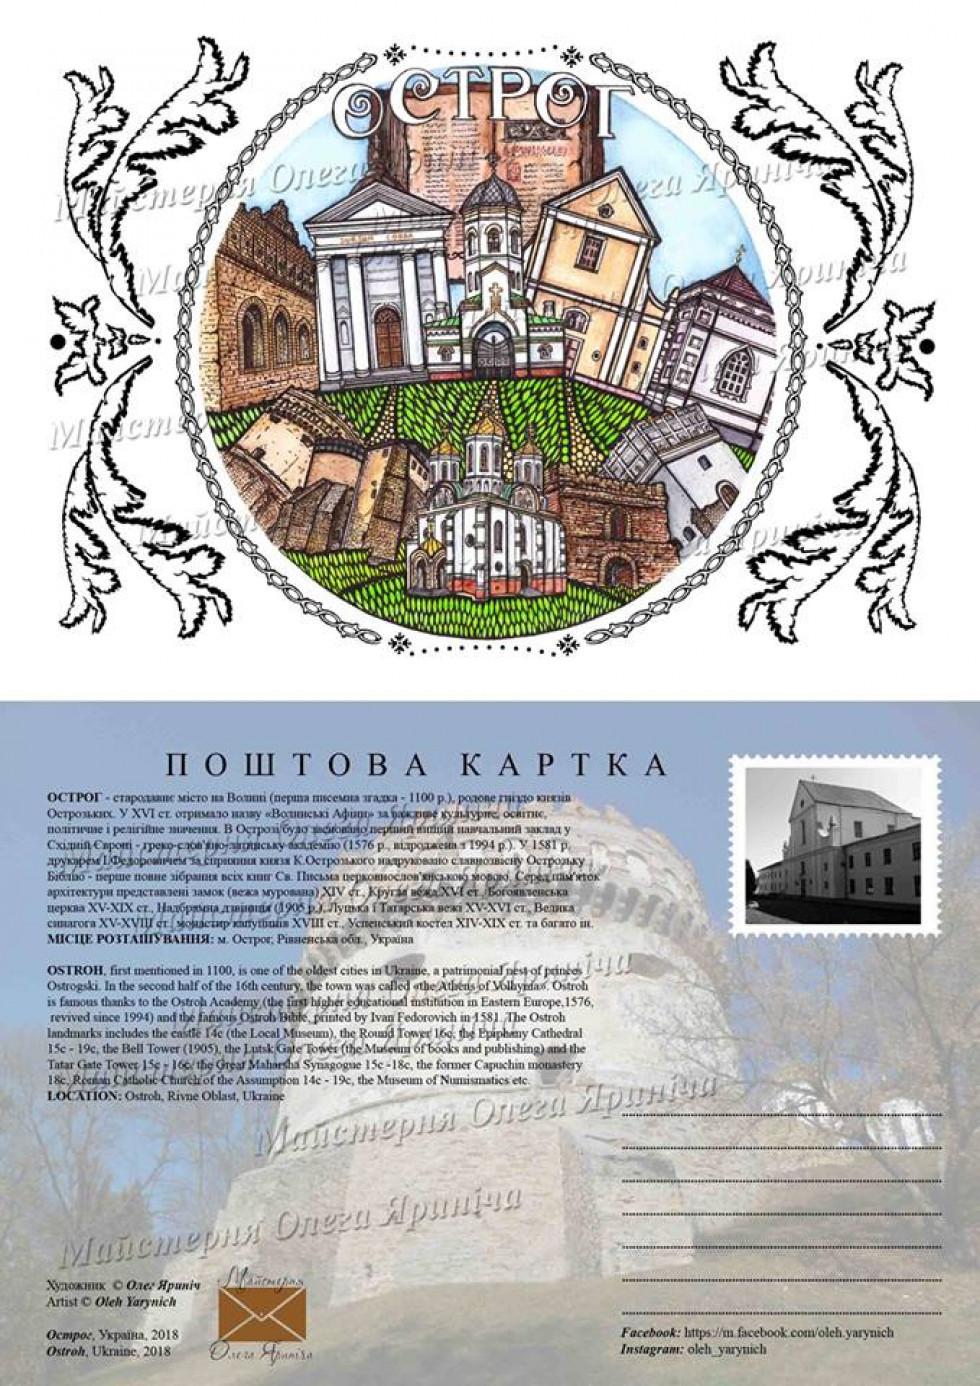 Загальний вигляд листівки О.Яриніча